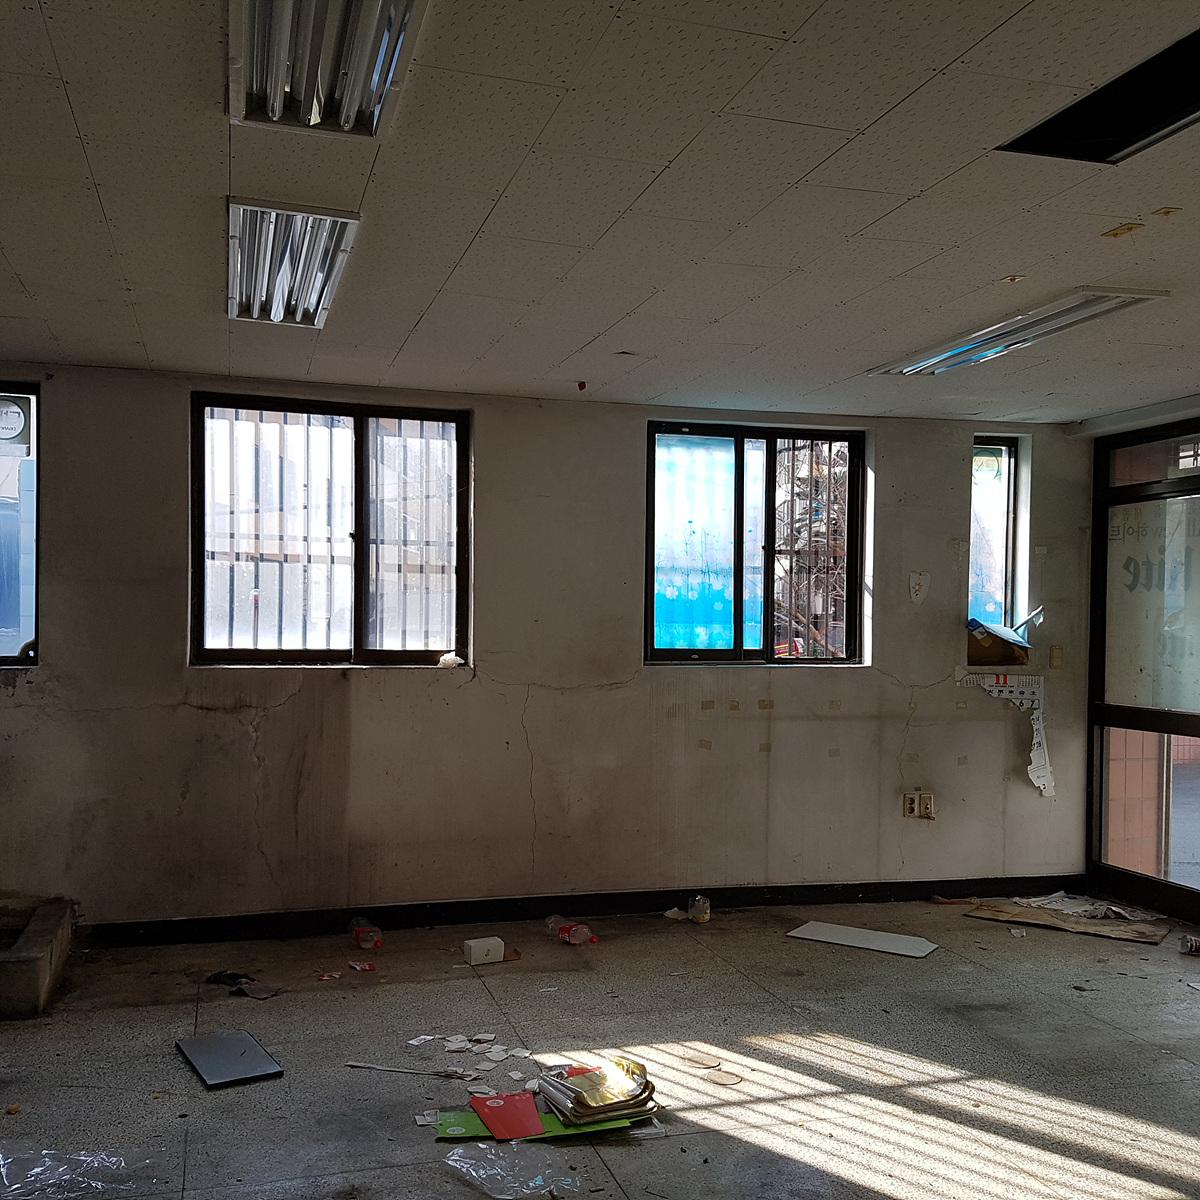 3 번째 사진 판매시설 에  연면적117 ㎡ 부산광역시 해운대구 우동 천장 텍스 및 지붕 슬레이트 철거에 관한 석면조사